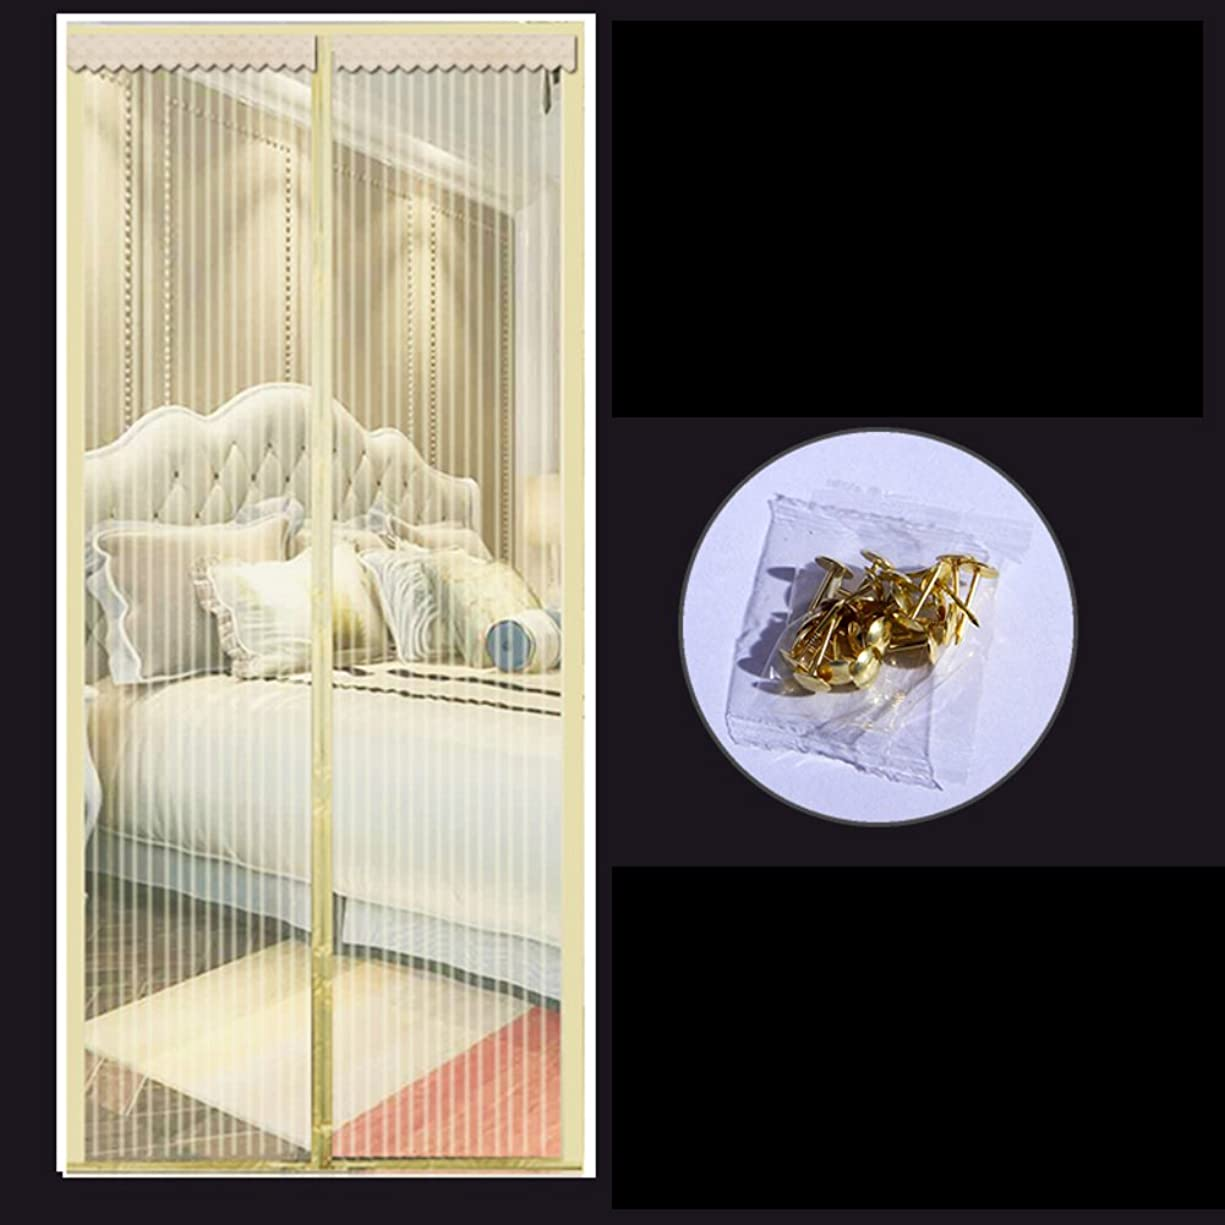 支援する止まる窓を洗う磁気防蚊スクリーン ドア,磁気ウィンドウ画面,粘着 velcro と 換気 自動接着 高 denisity-ベージュC 120x220cm(47x87inch)